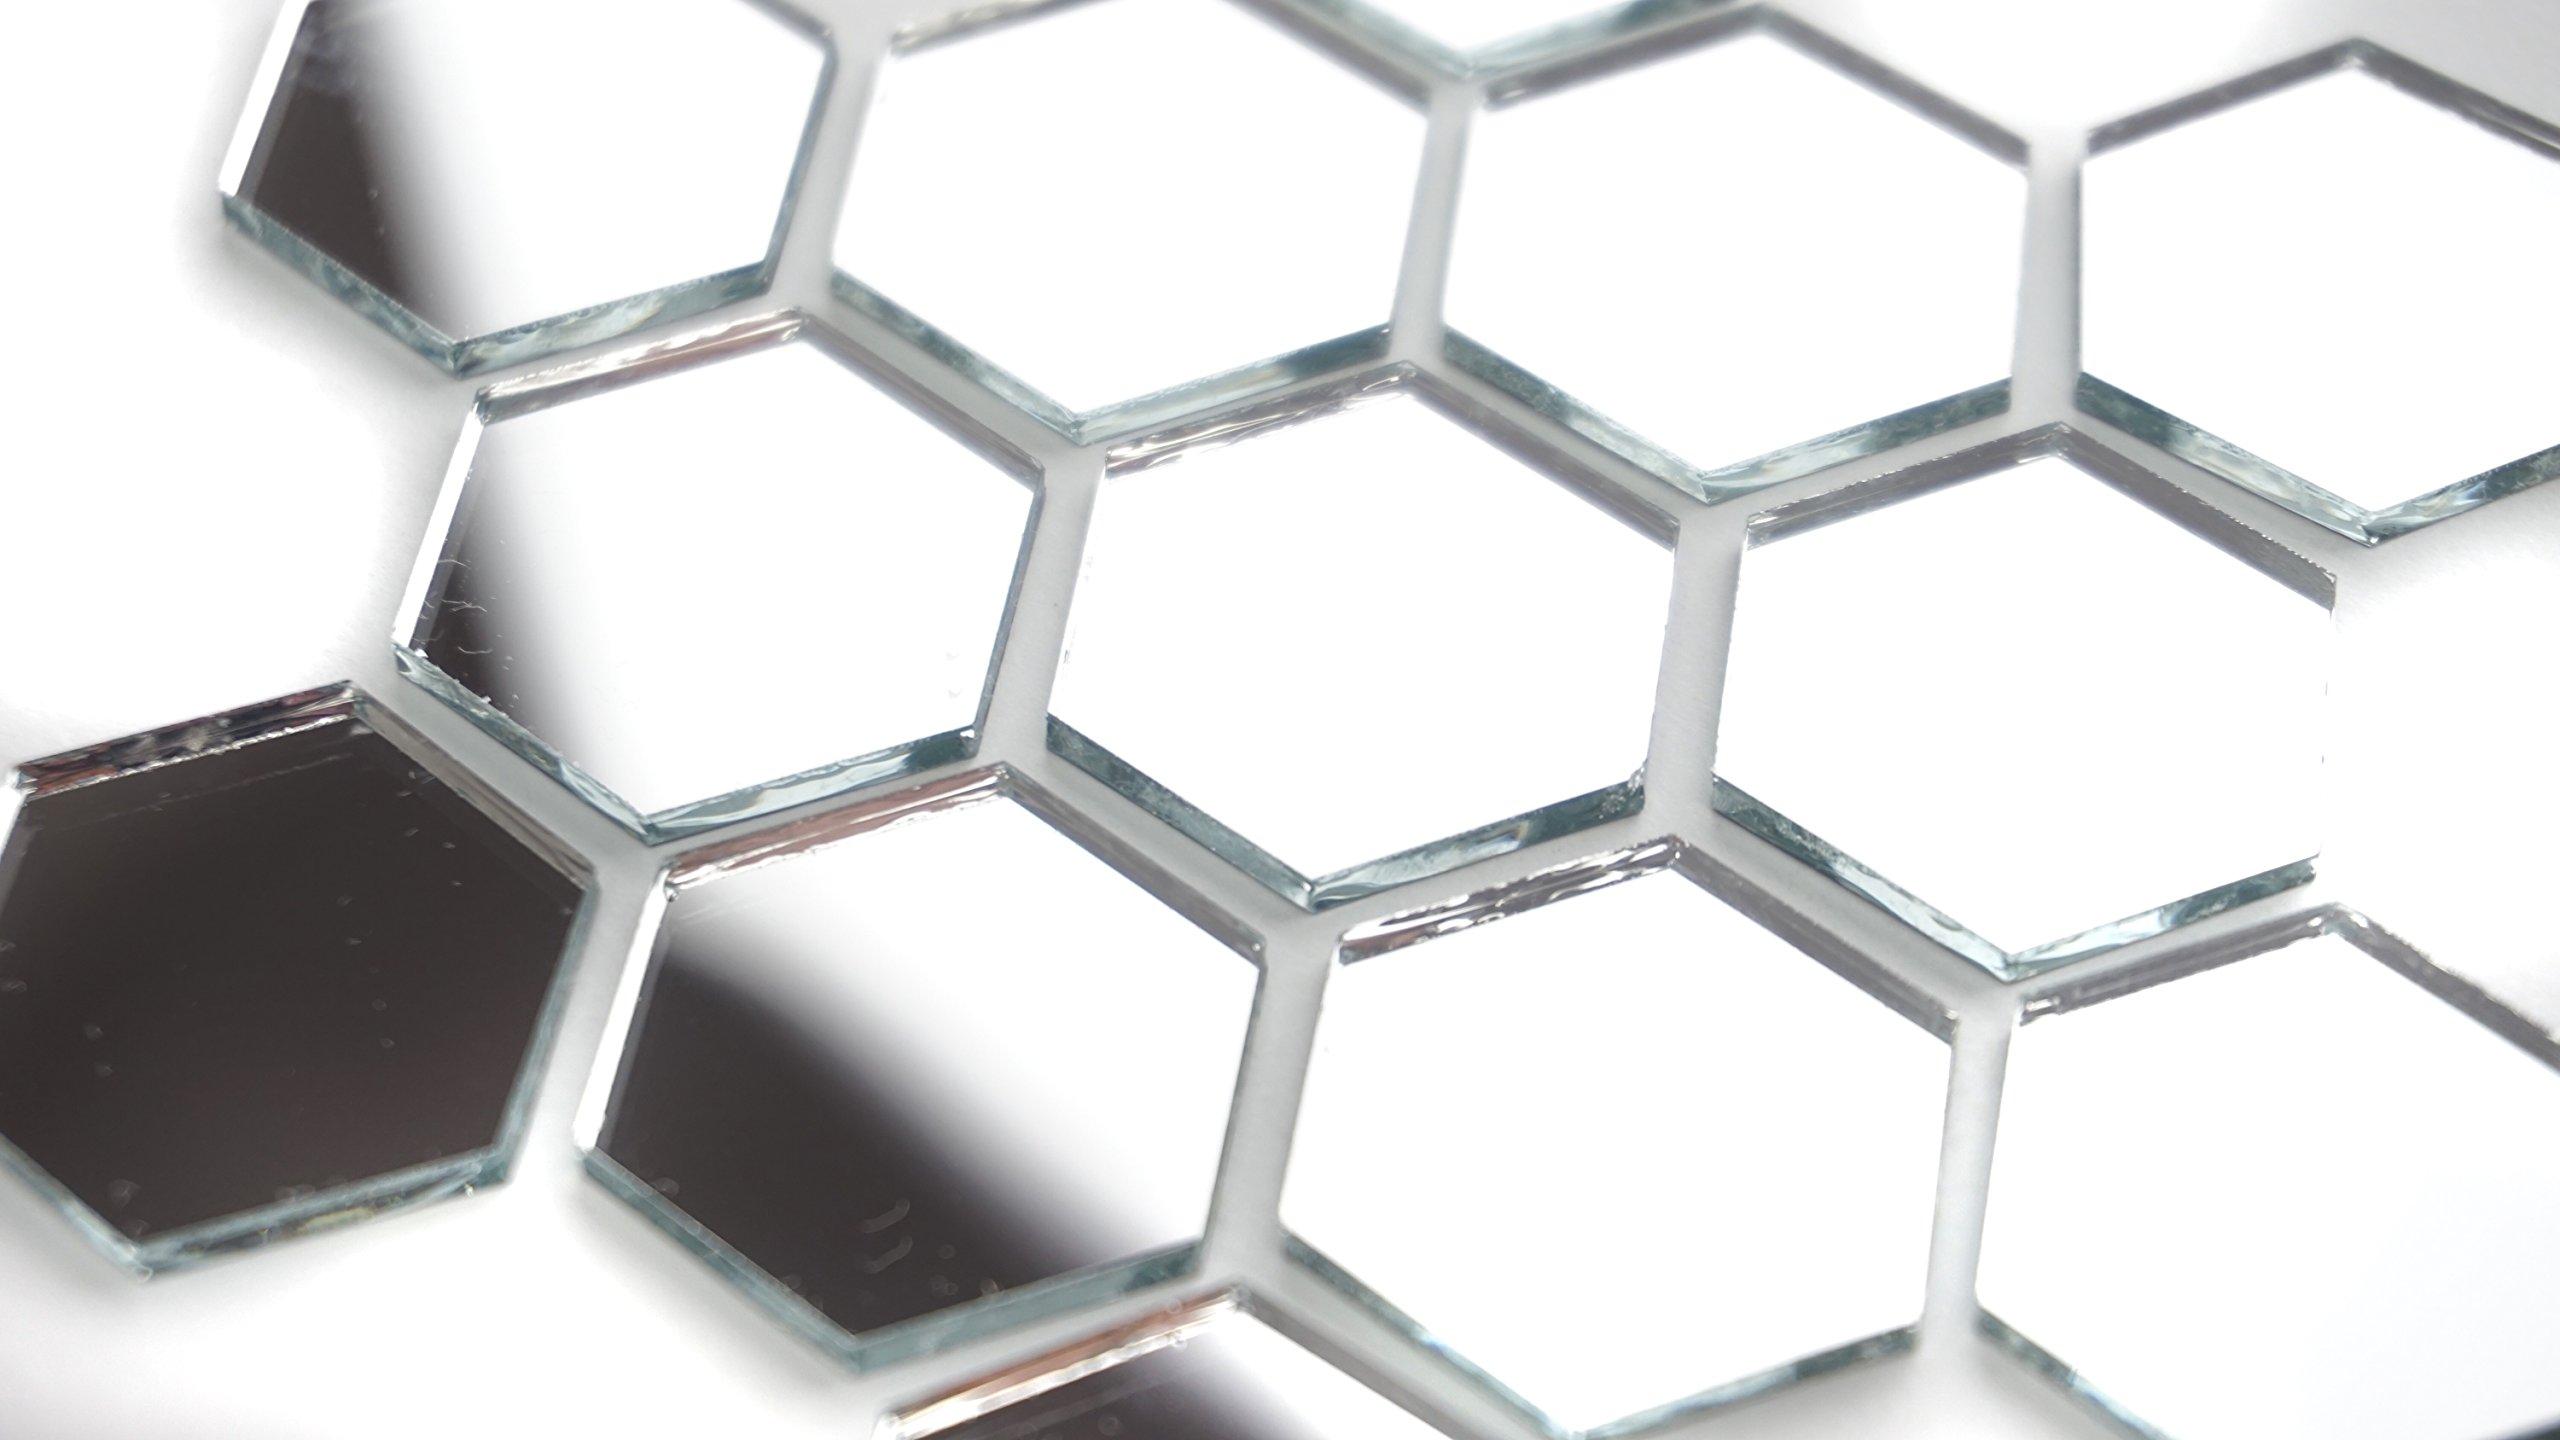 1'' Hexagonal Mirror Mosaic Tile. 100 pcs by Aleksander Hreben